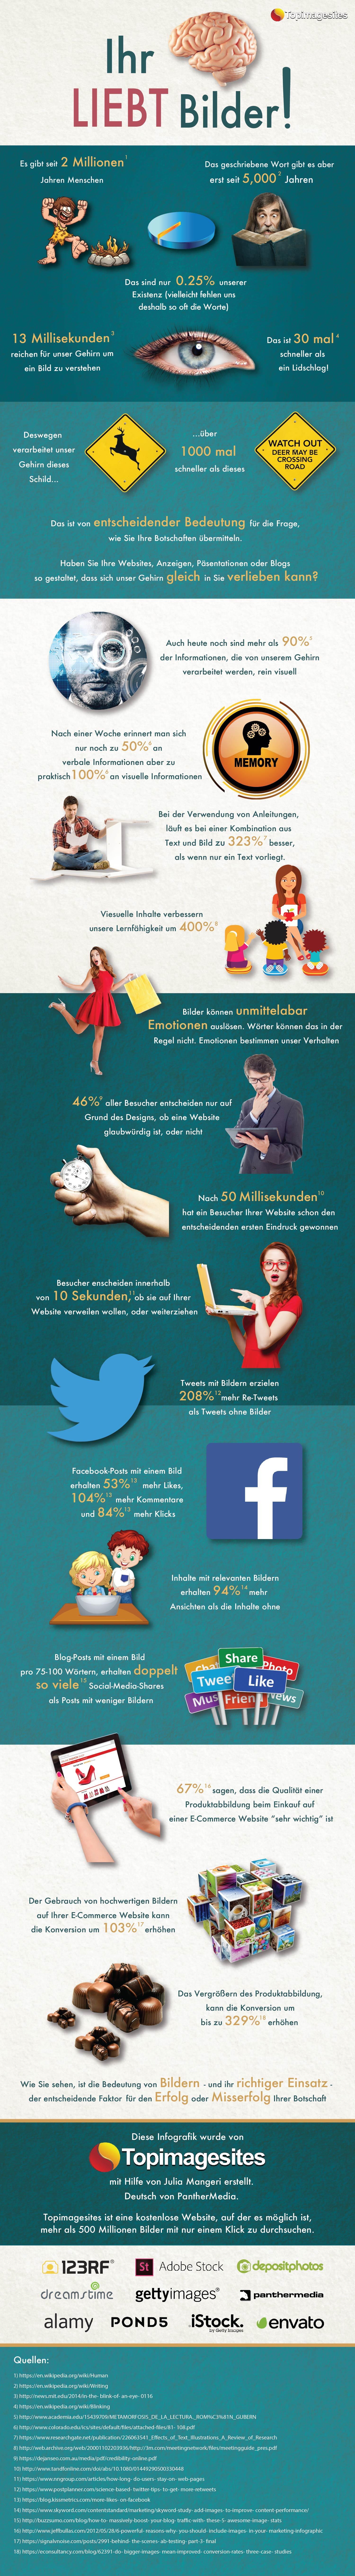 Die spannende Infografik